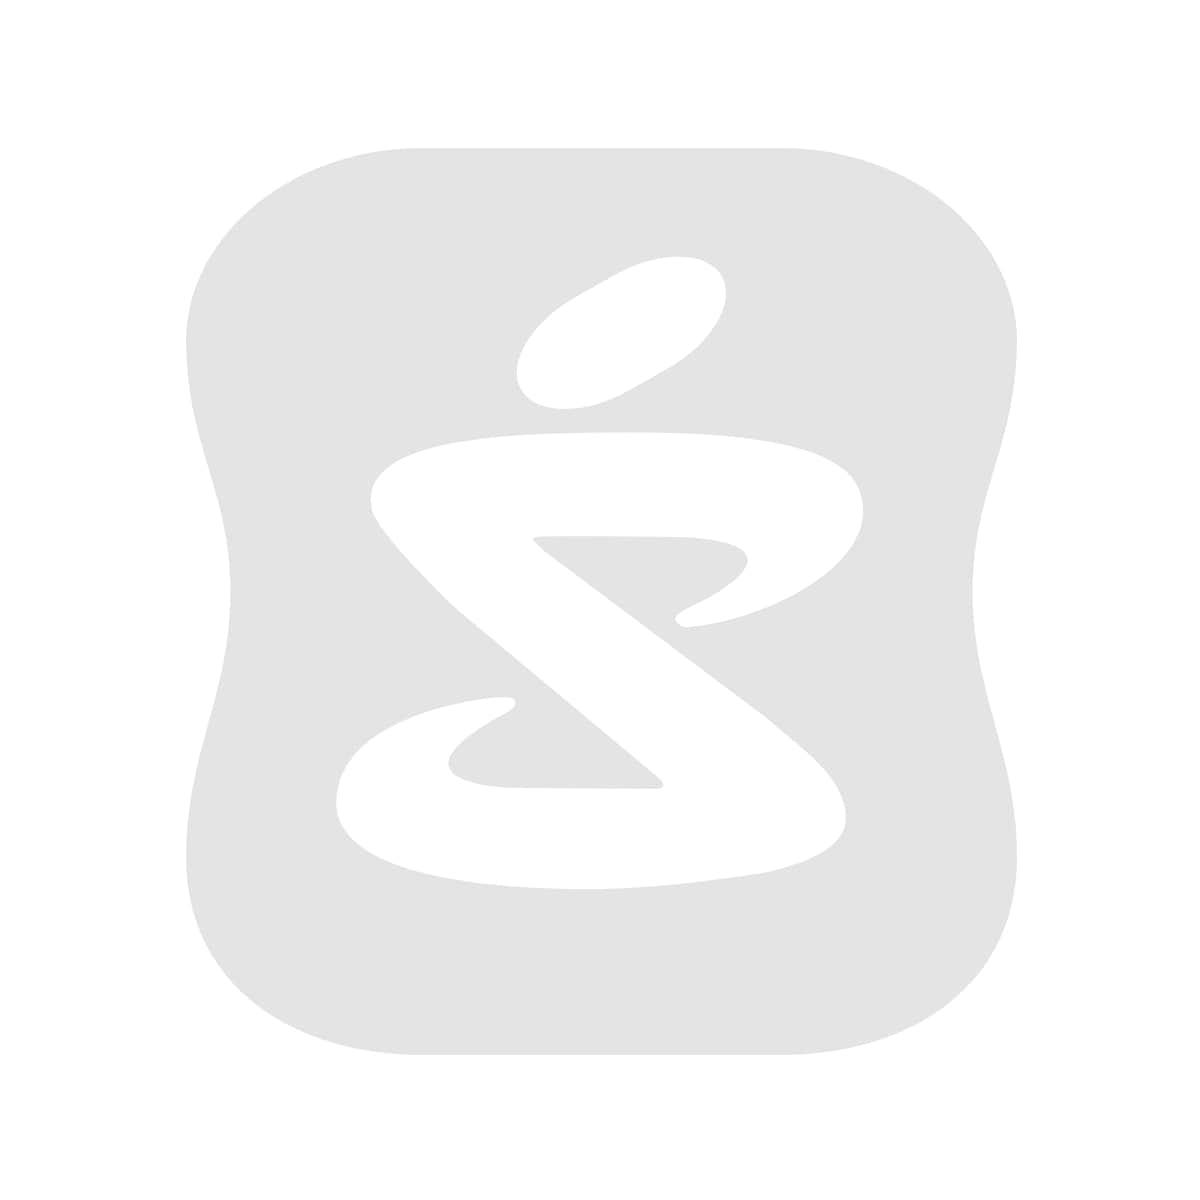 Bobovita Porcja Zbóż 3 Zboża, Malina, Truskawka, Banan